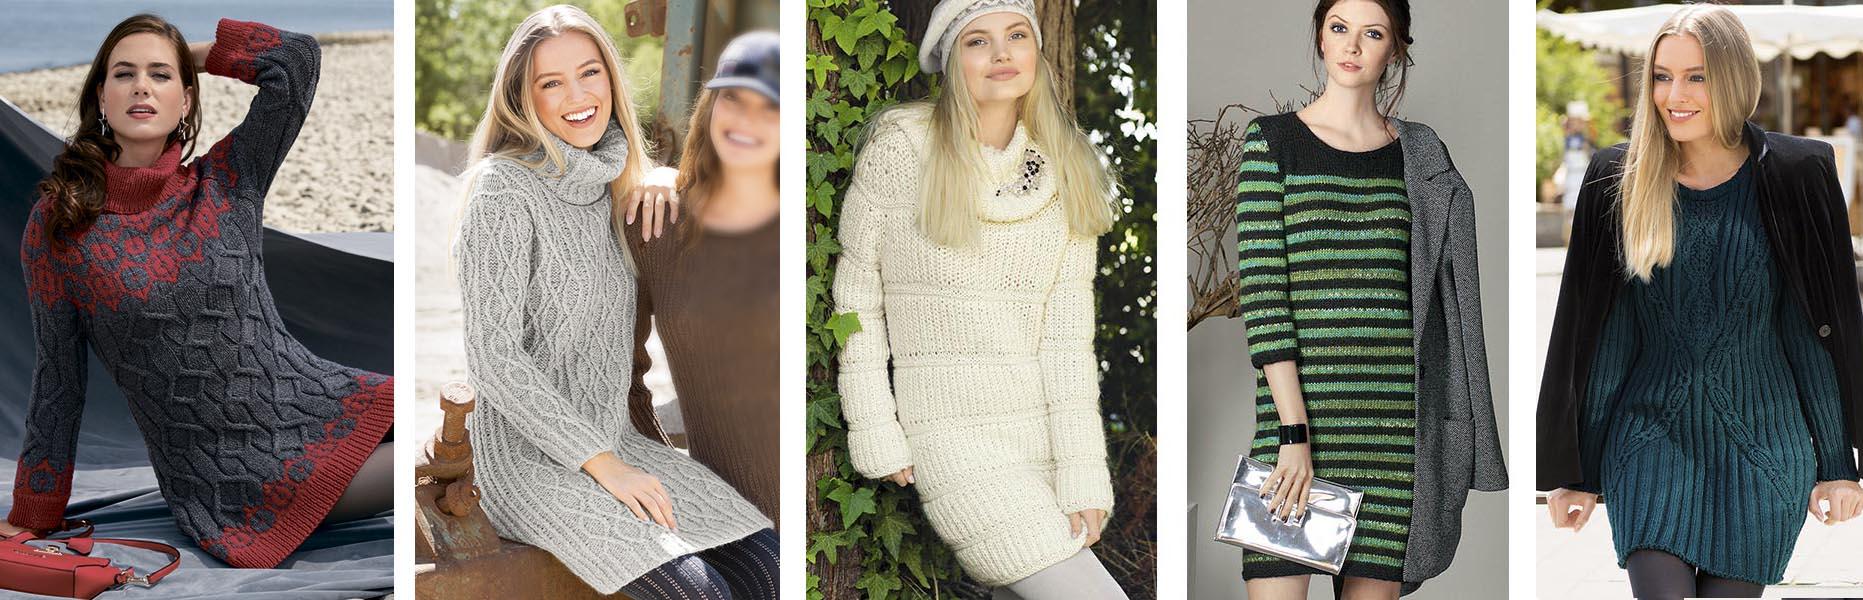 8478c4878335186 Для конца зимы и ранней весны будут актуальны теплые короткие платья-свитеры,  которые можно носить с узкими джинсами или с леггинсами.